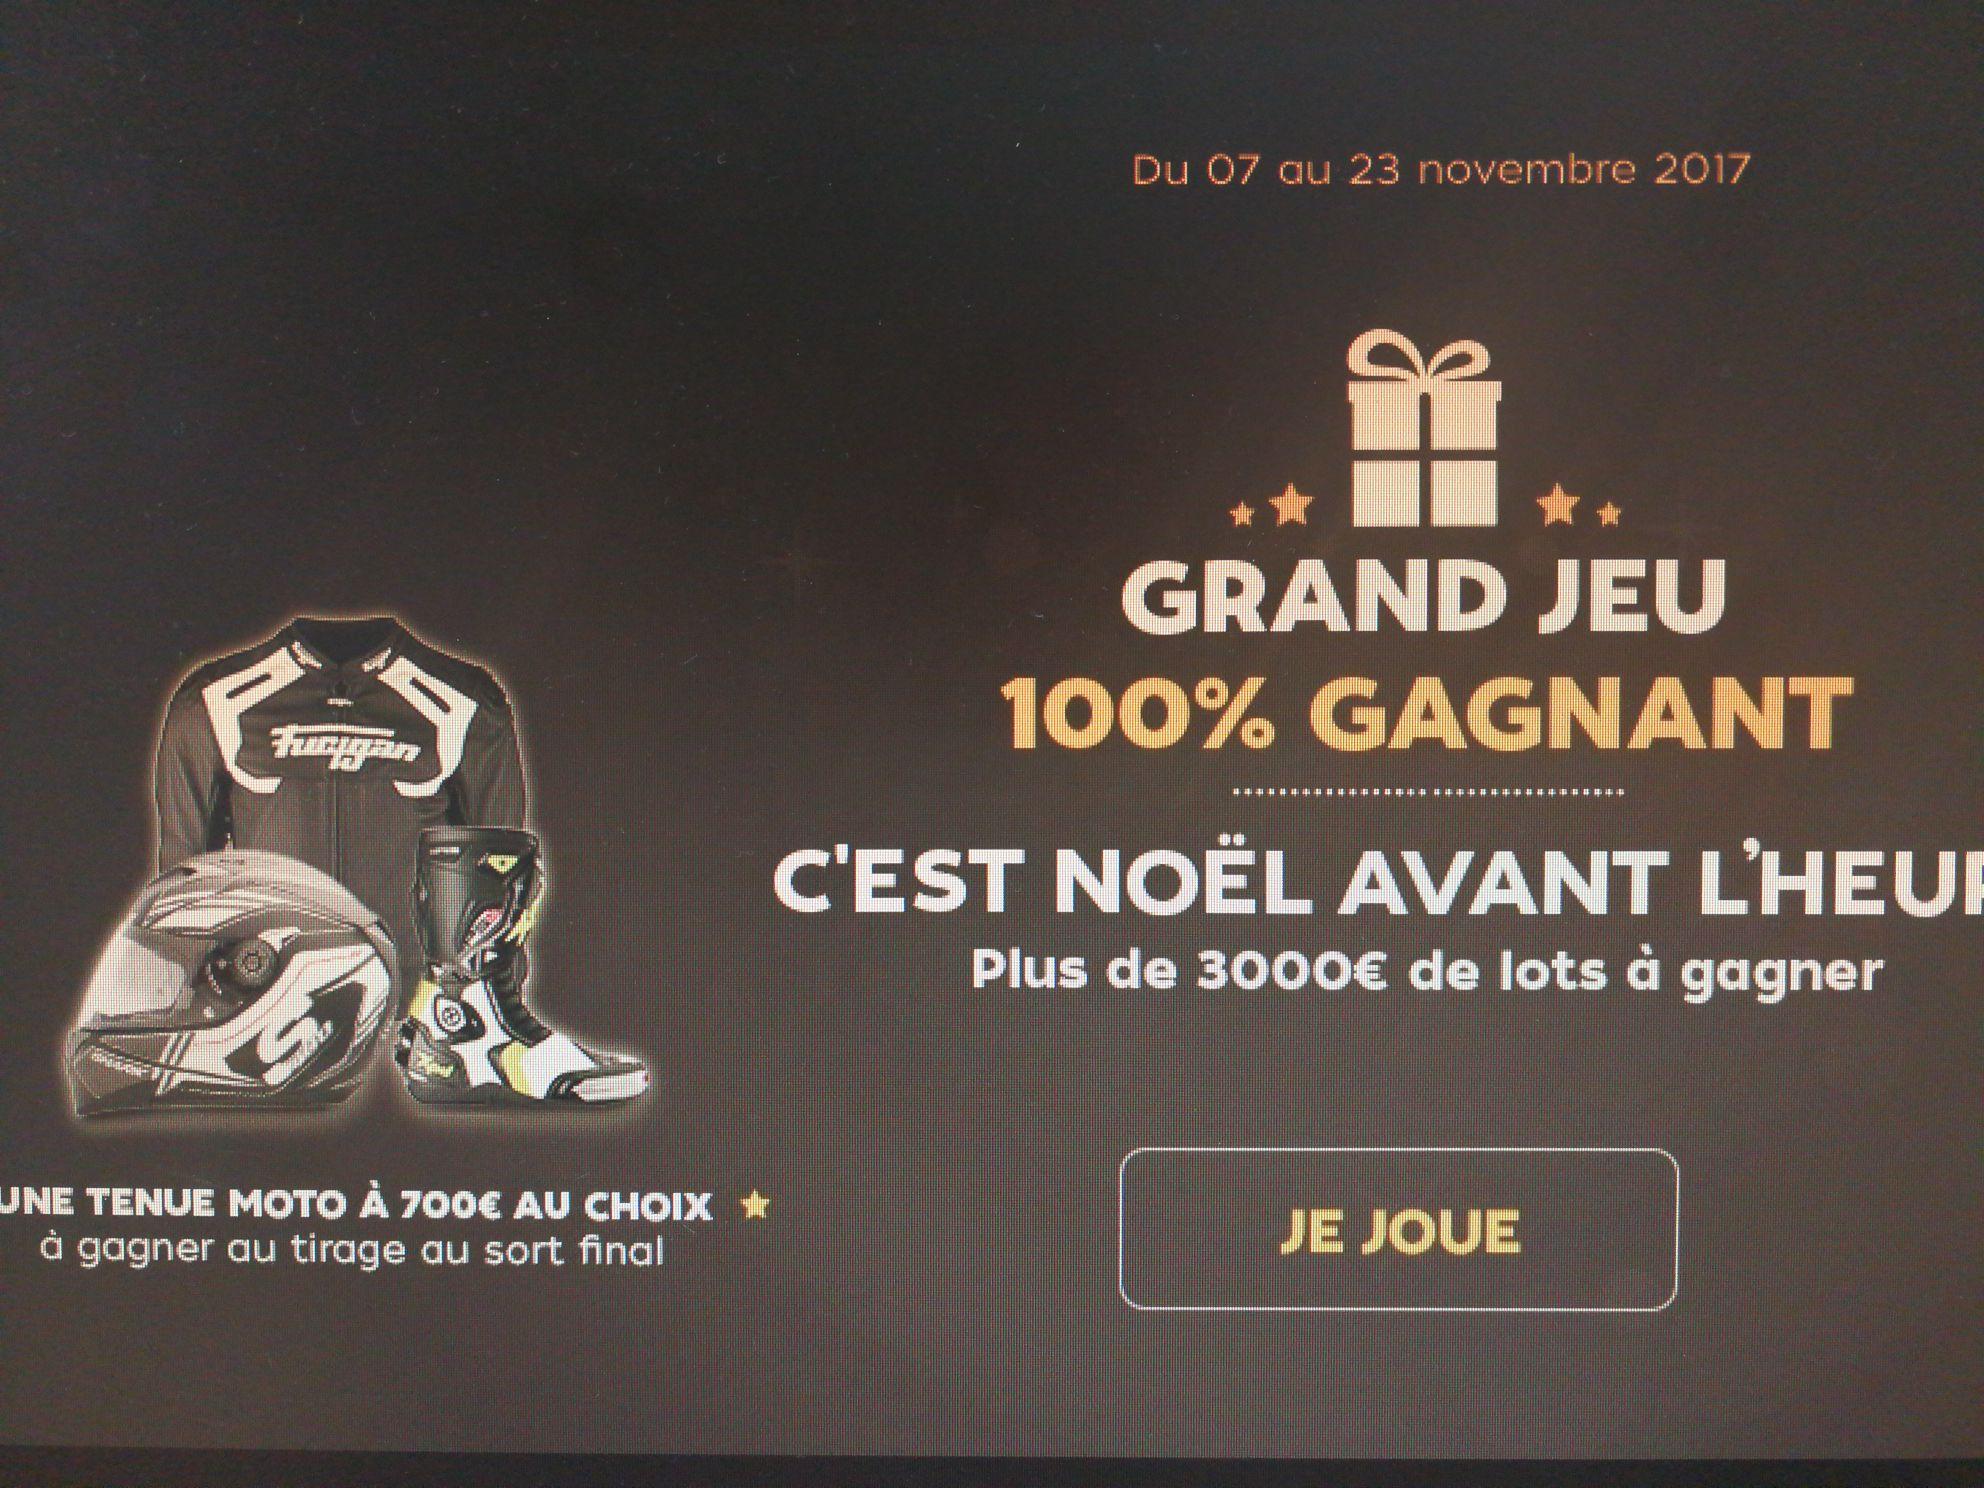 Jeux Noël motoblouz 100% gagnant - Ex : 5€ de réduction dès 30€ d'achat